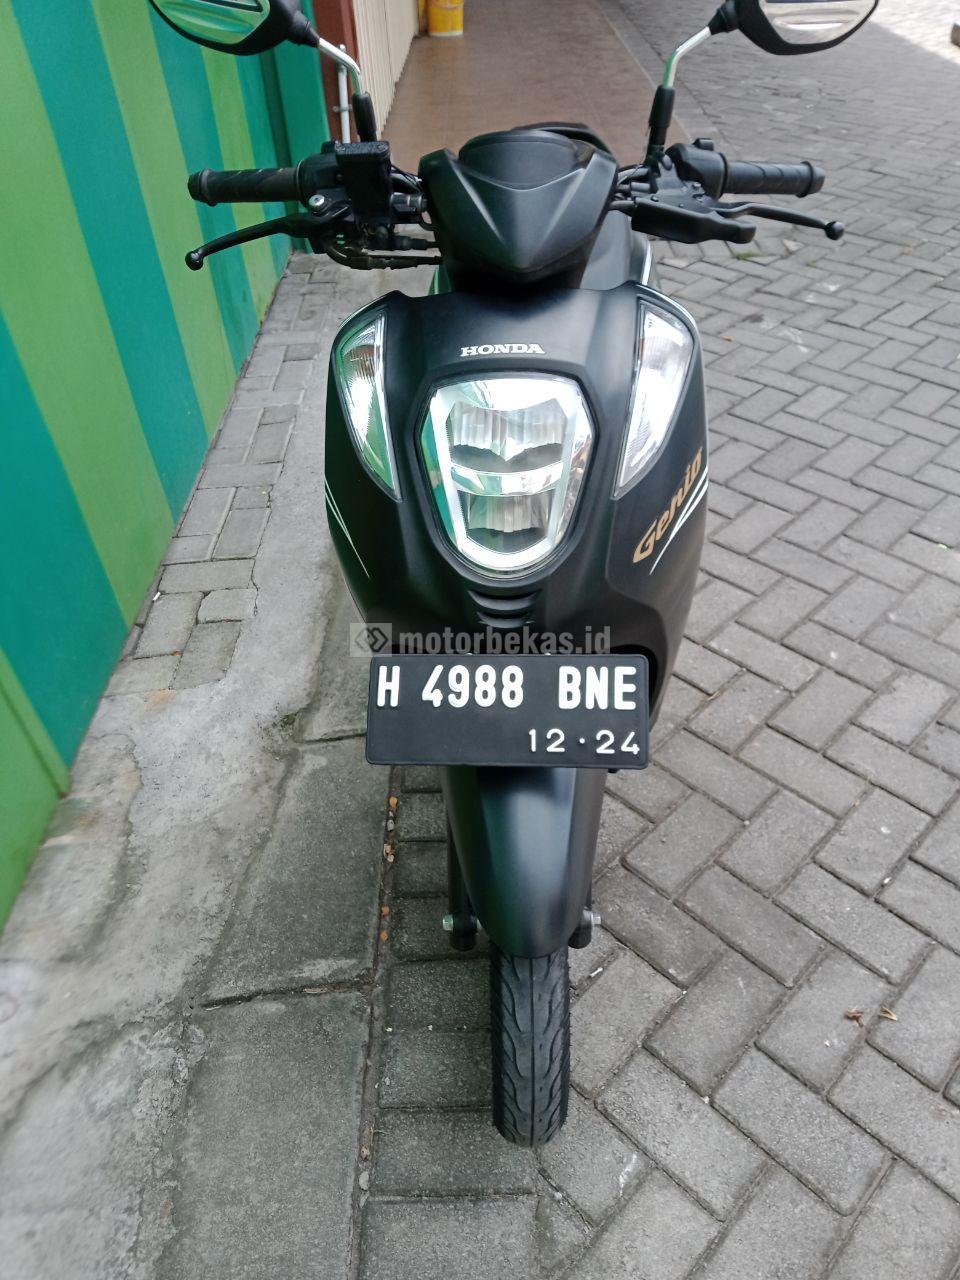 HONDA GENIO ISS 2019 motorbekas.id